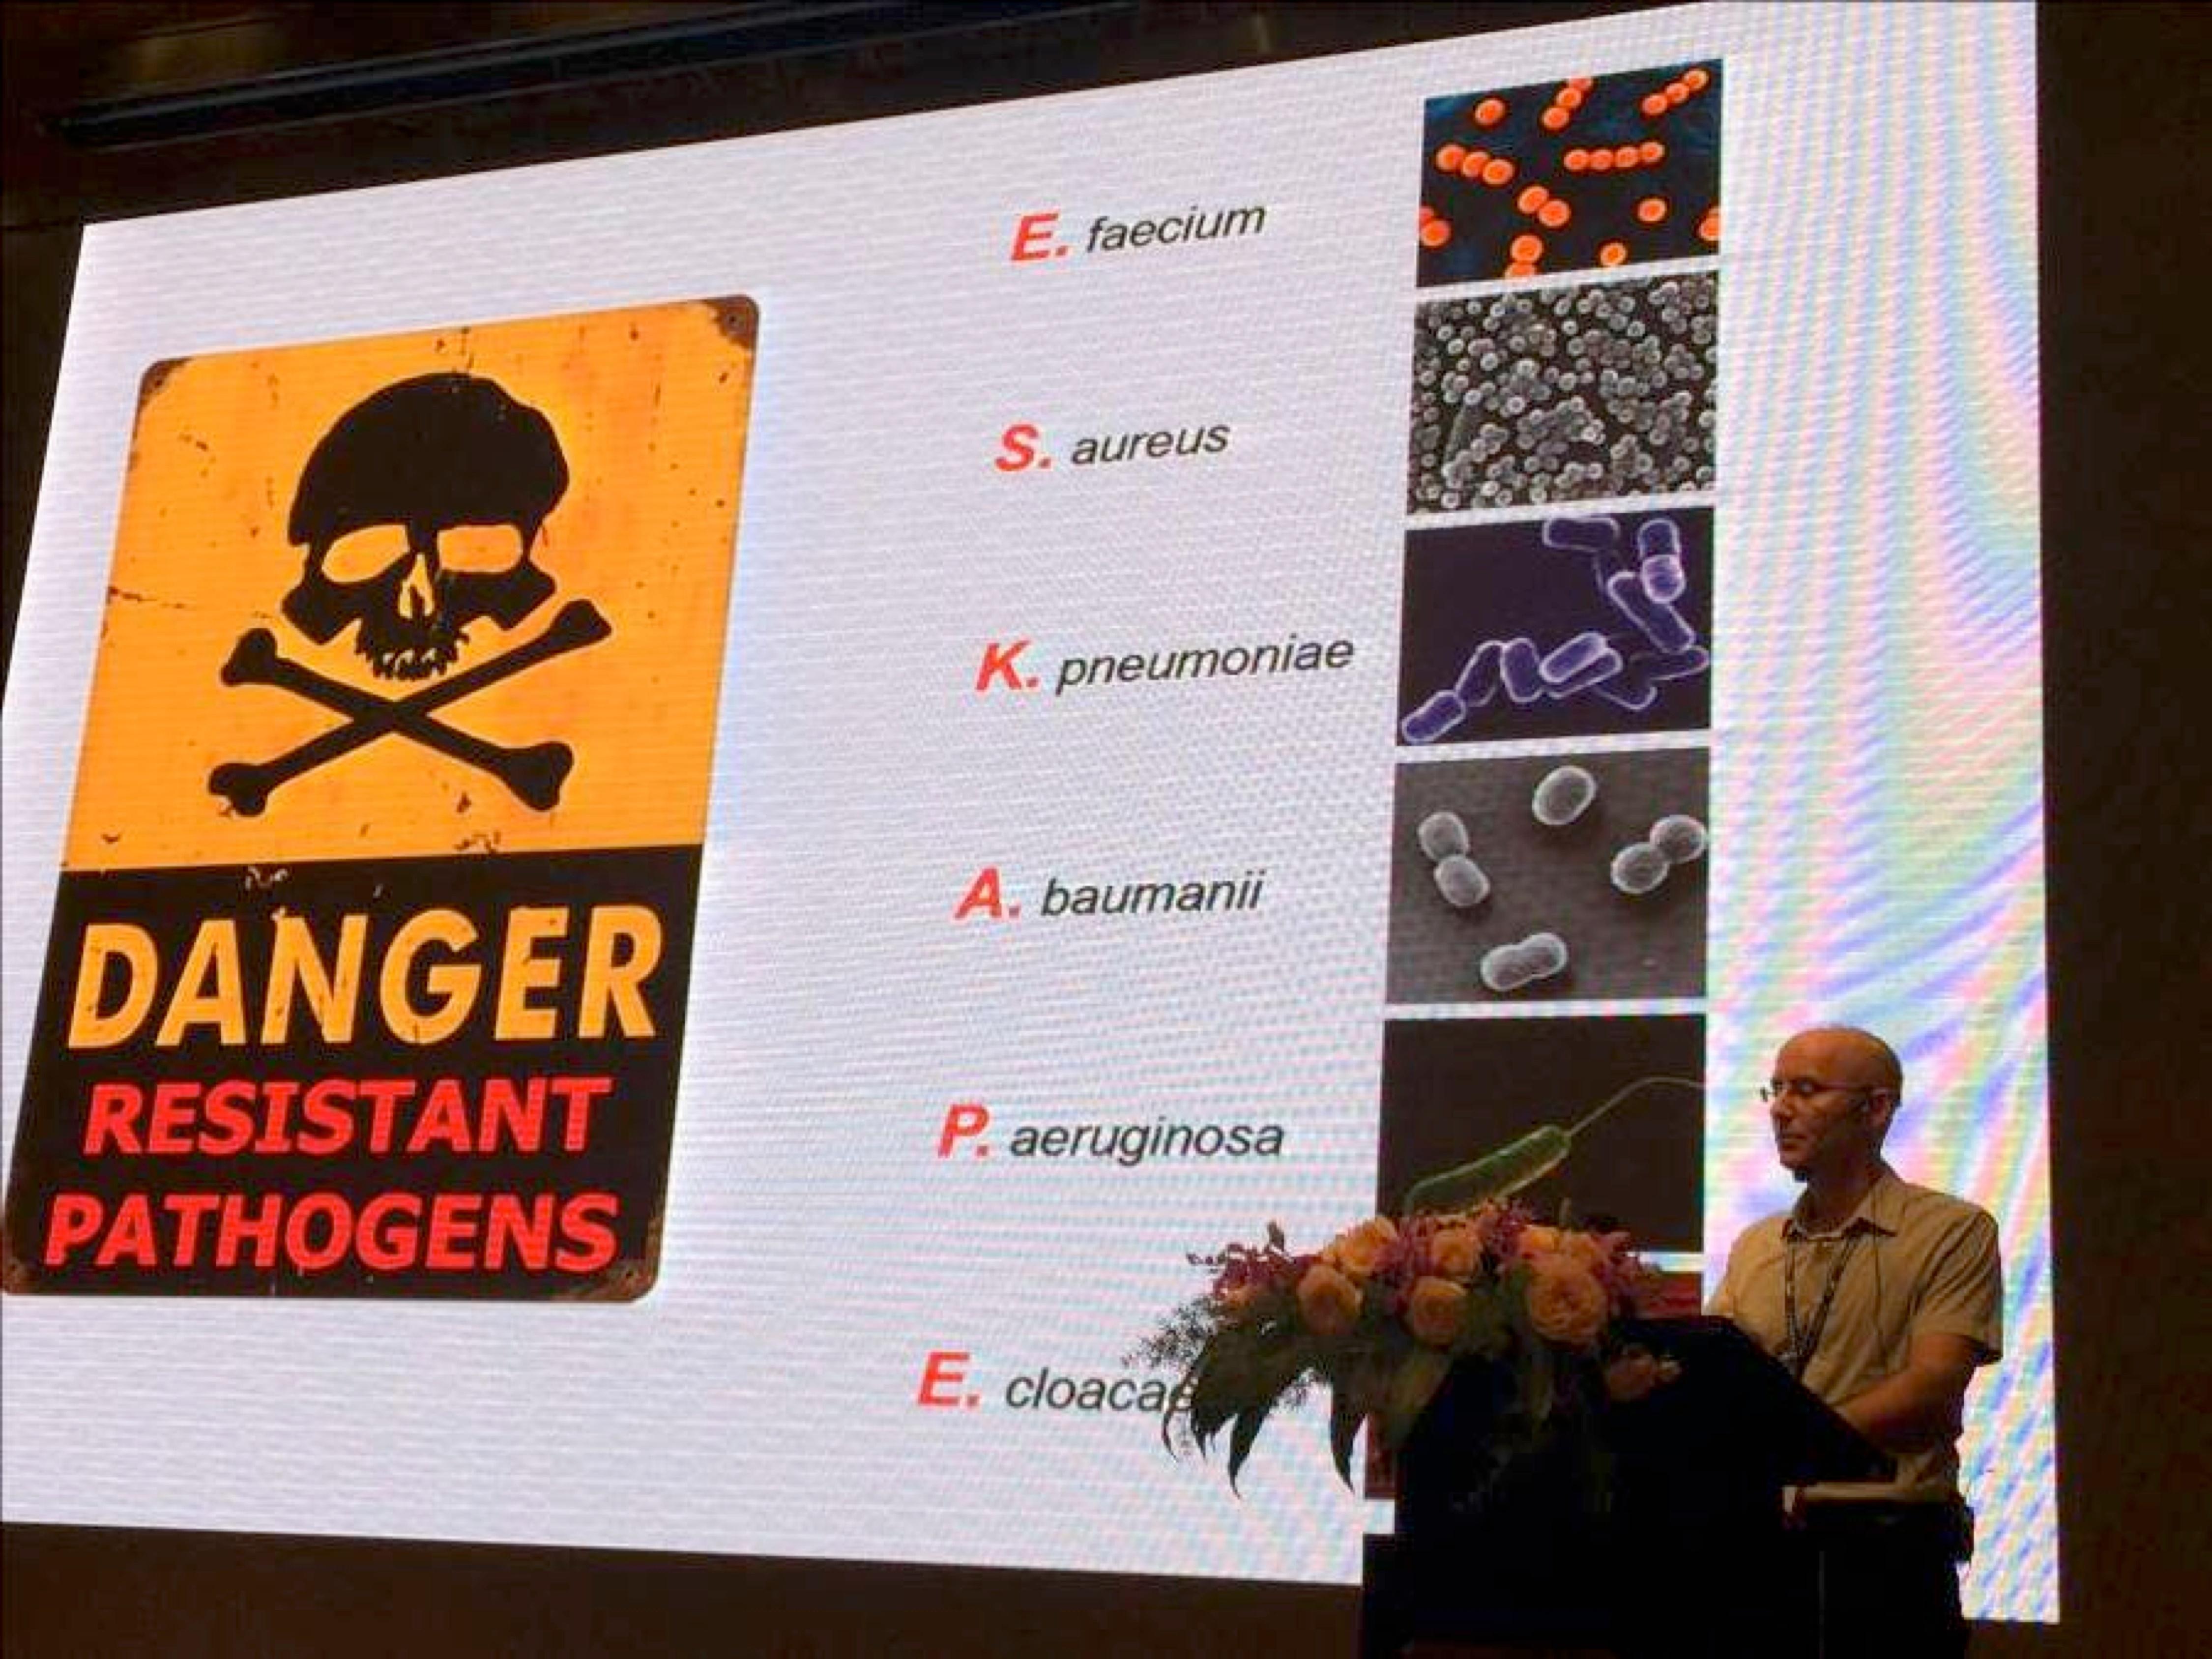 Udi Qimron and his list of antibiotic resistant pathogens